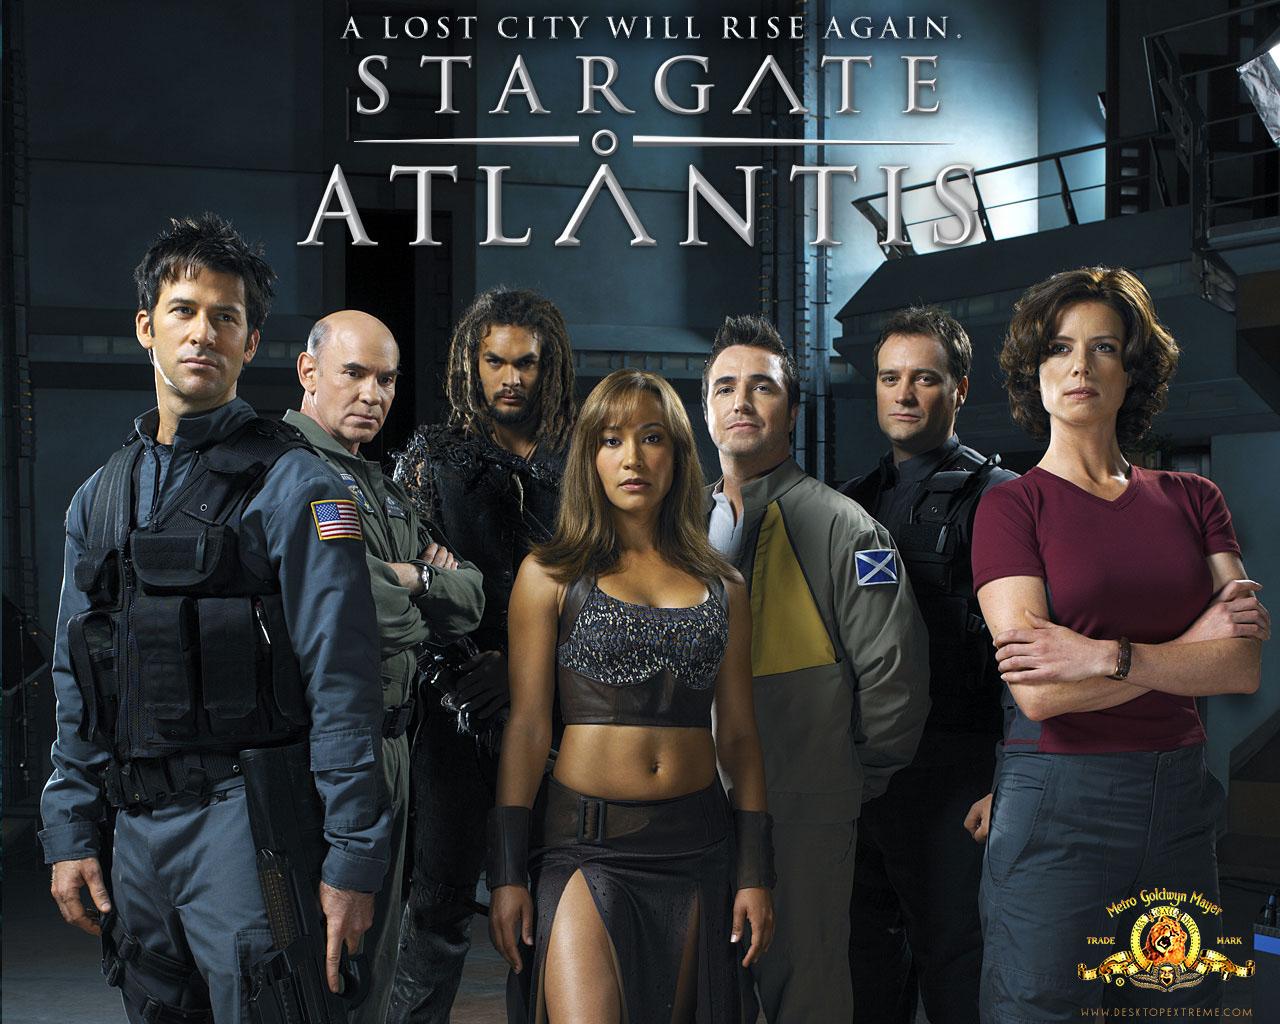 http://3.bp.blogspot.com/_JpC8BcCQnpk/TCkxqJ3DcFI/AAAAAAAAARQ/h9xT_jAsGkI/s1600/Stargate_Atlantis_1.jpg